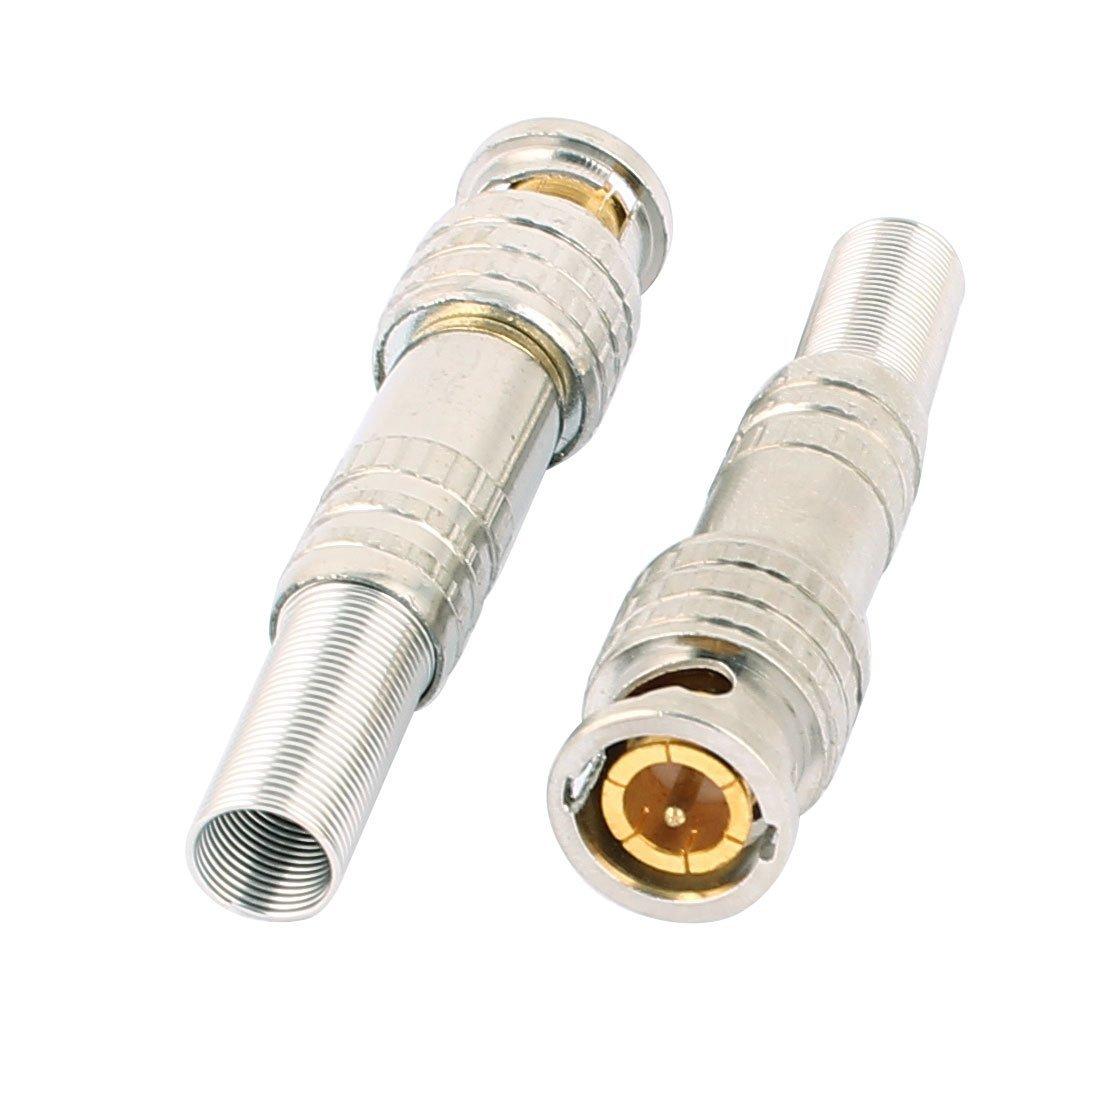 Amazon.com: eDealMax 10 piezas de Primavera chapado en oro BNC Conector Macho Para CCTV Cámara Cable coaxial: Electronics